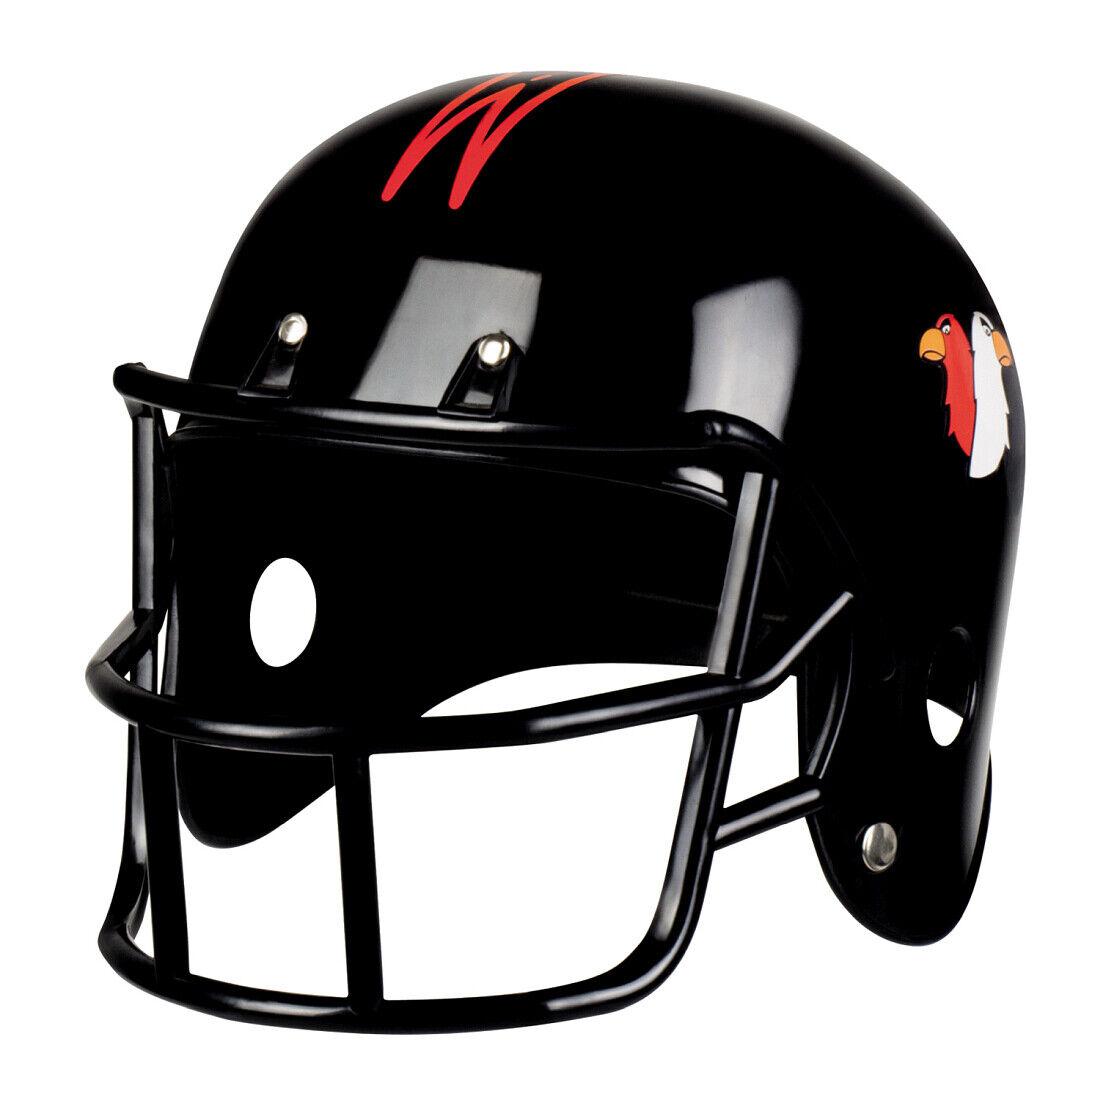 Quaterback Helm American Football Helm für Erwachsene Sporthelm als Kopfschutz